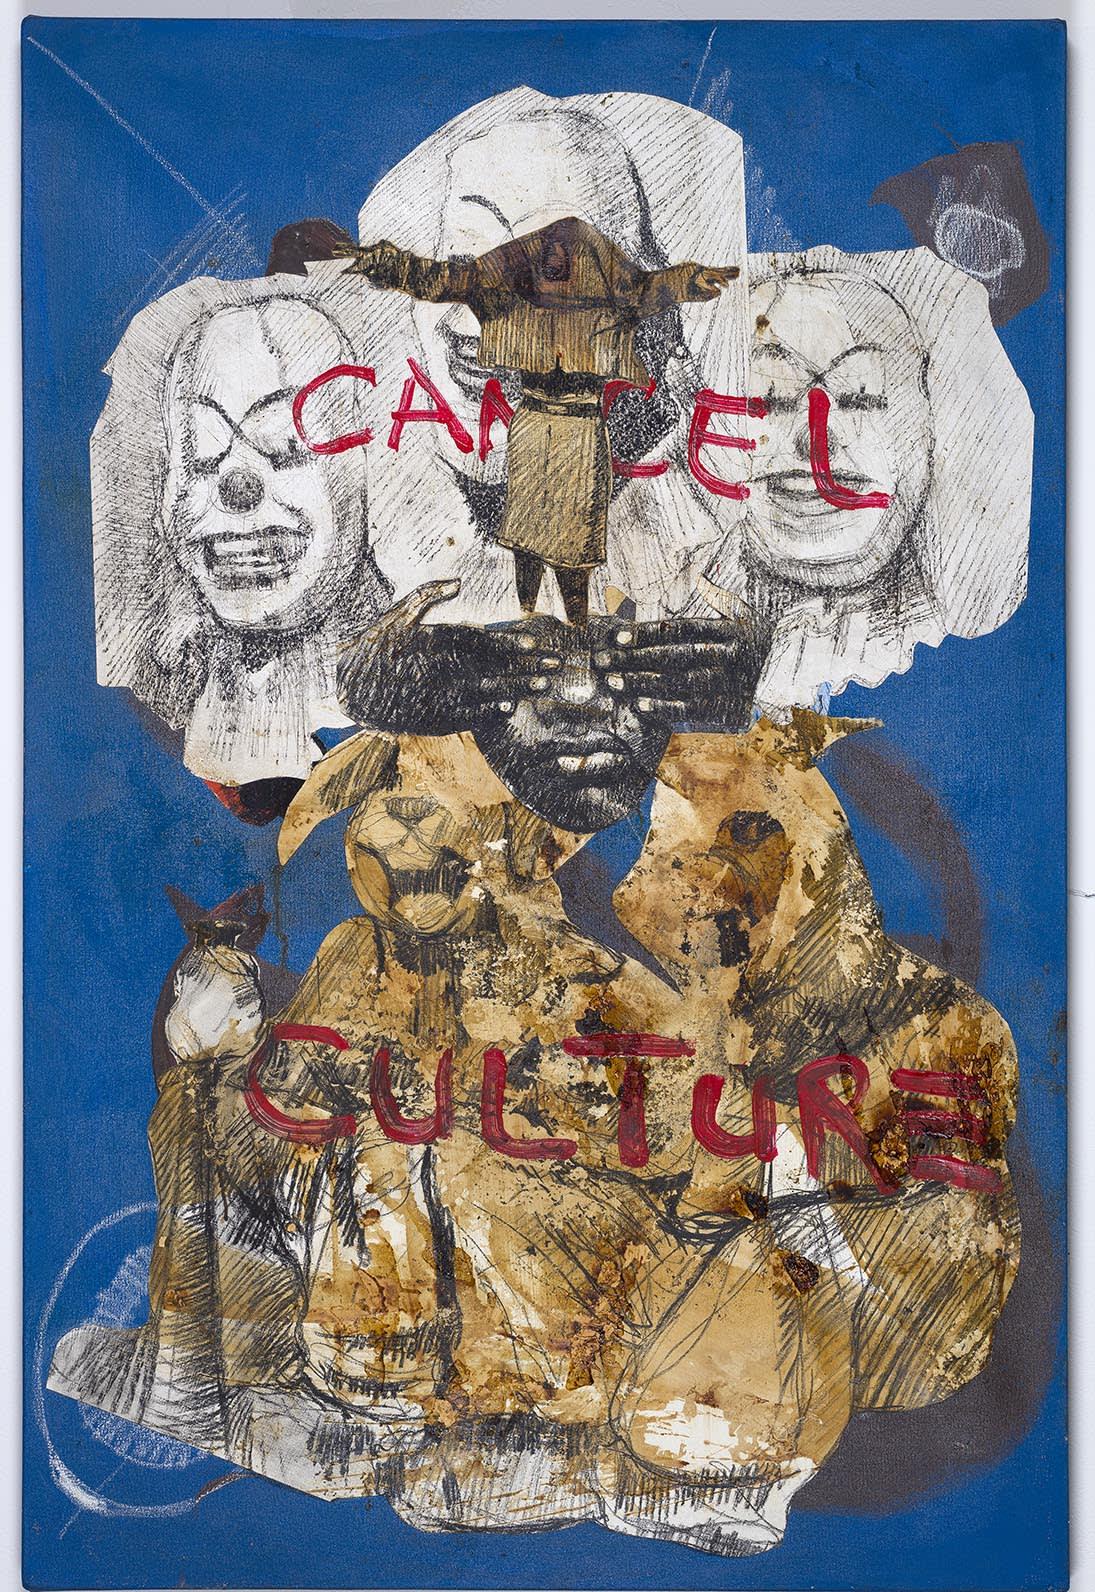 Ronald Muchatuta, Cancel Culture, 2020